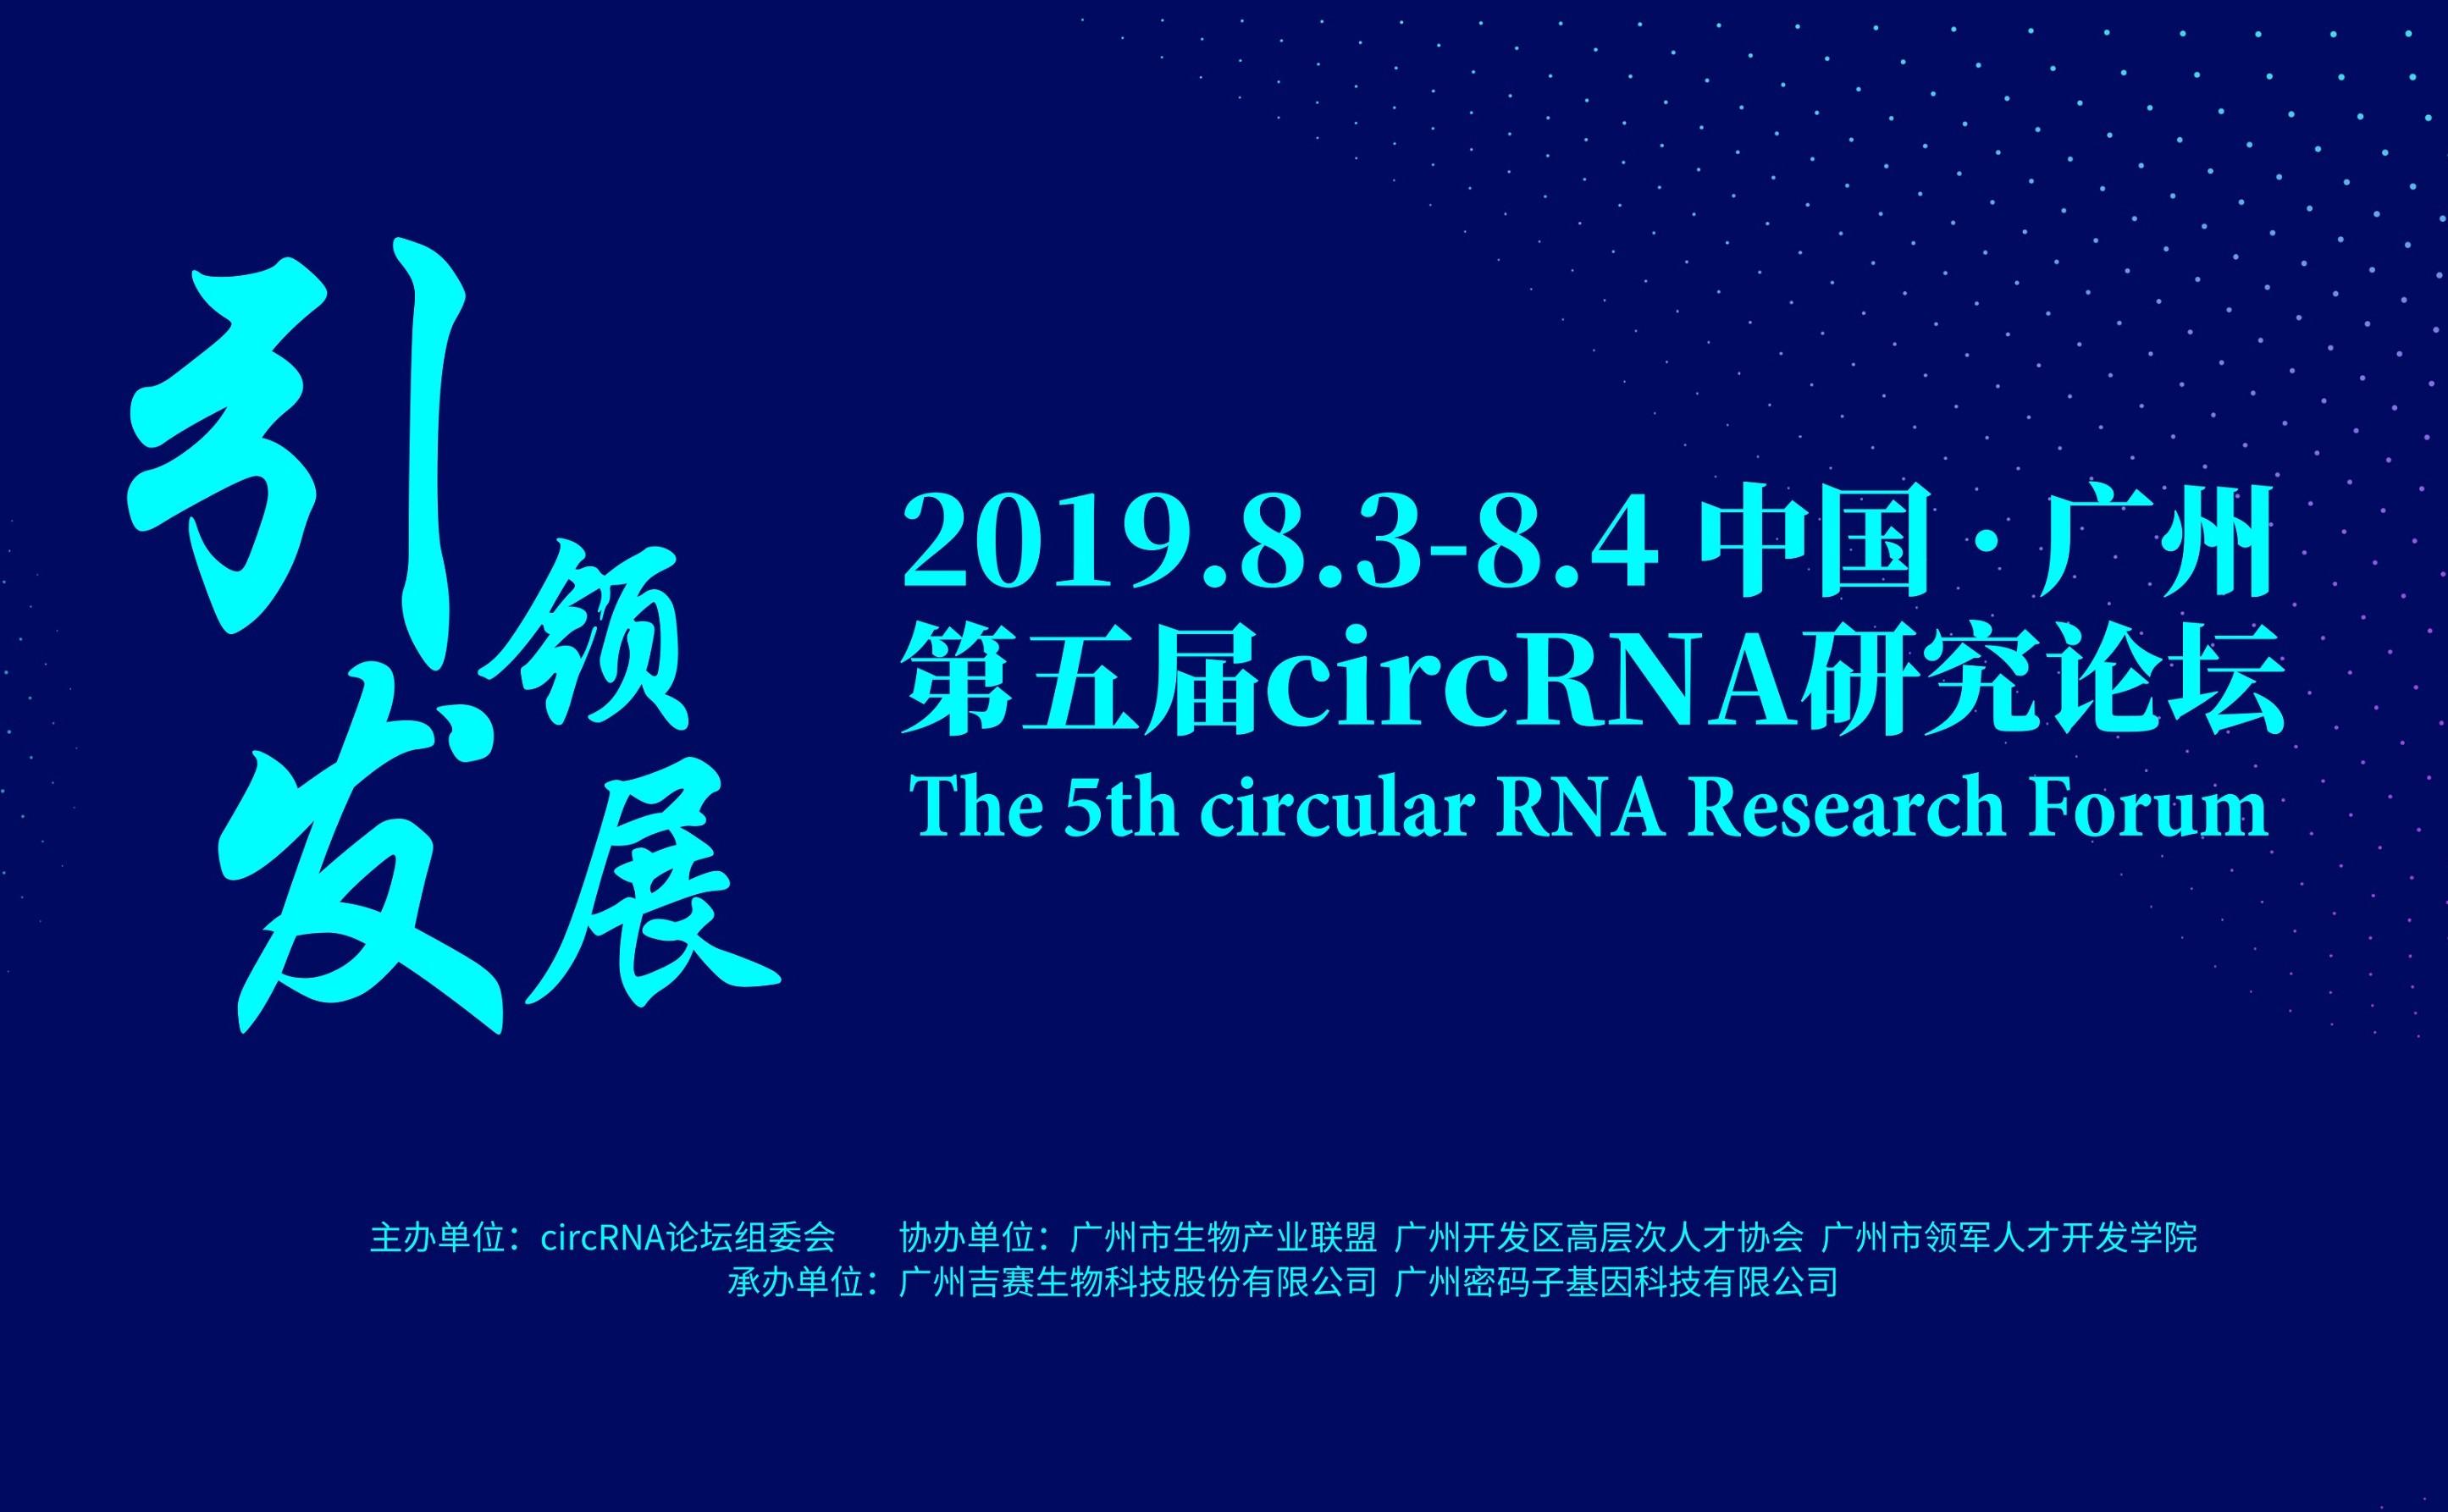 第五屆circRNA研究論壇